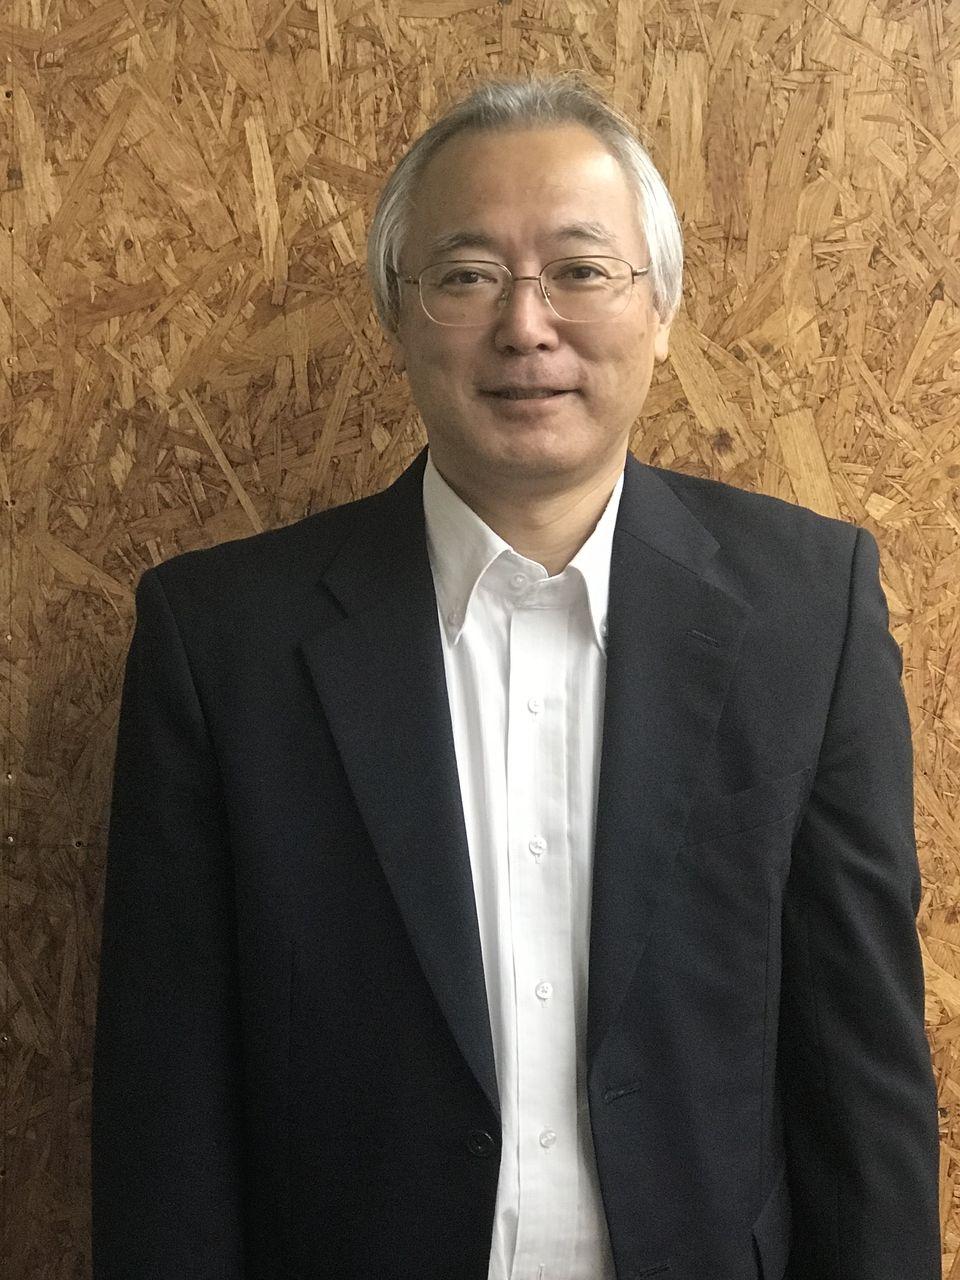 クーパーズ不動産・ 代表・稲吉靖彦のプロフィール をご紹介させていただきます。